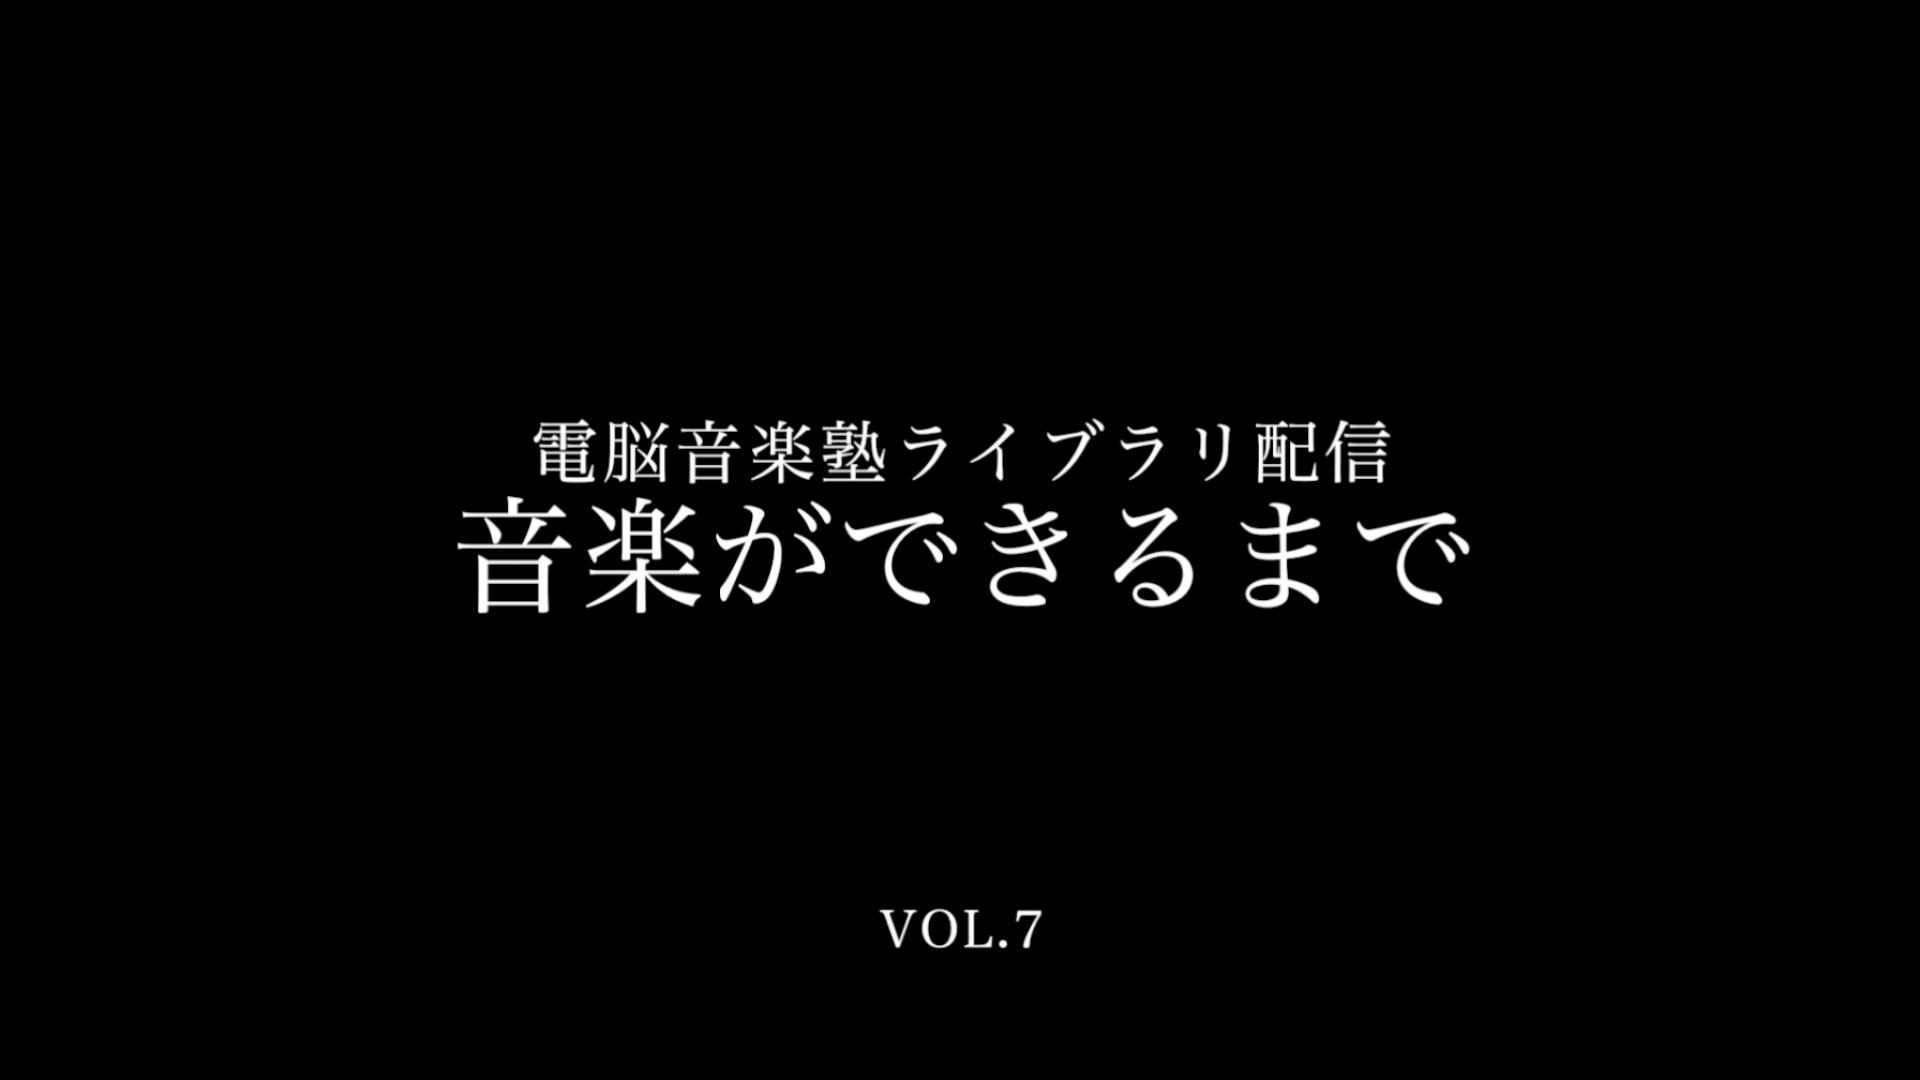 〜音楽ができるまで〜vol.7